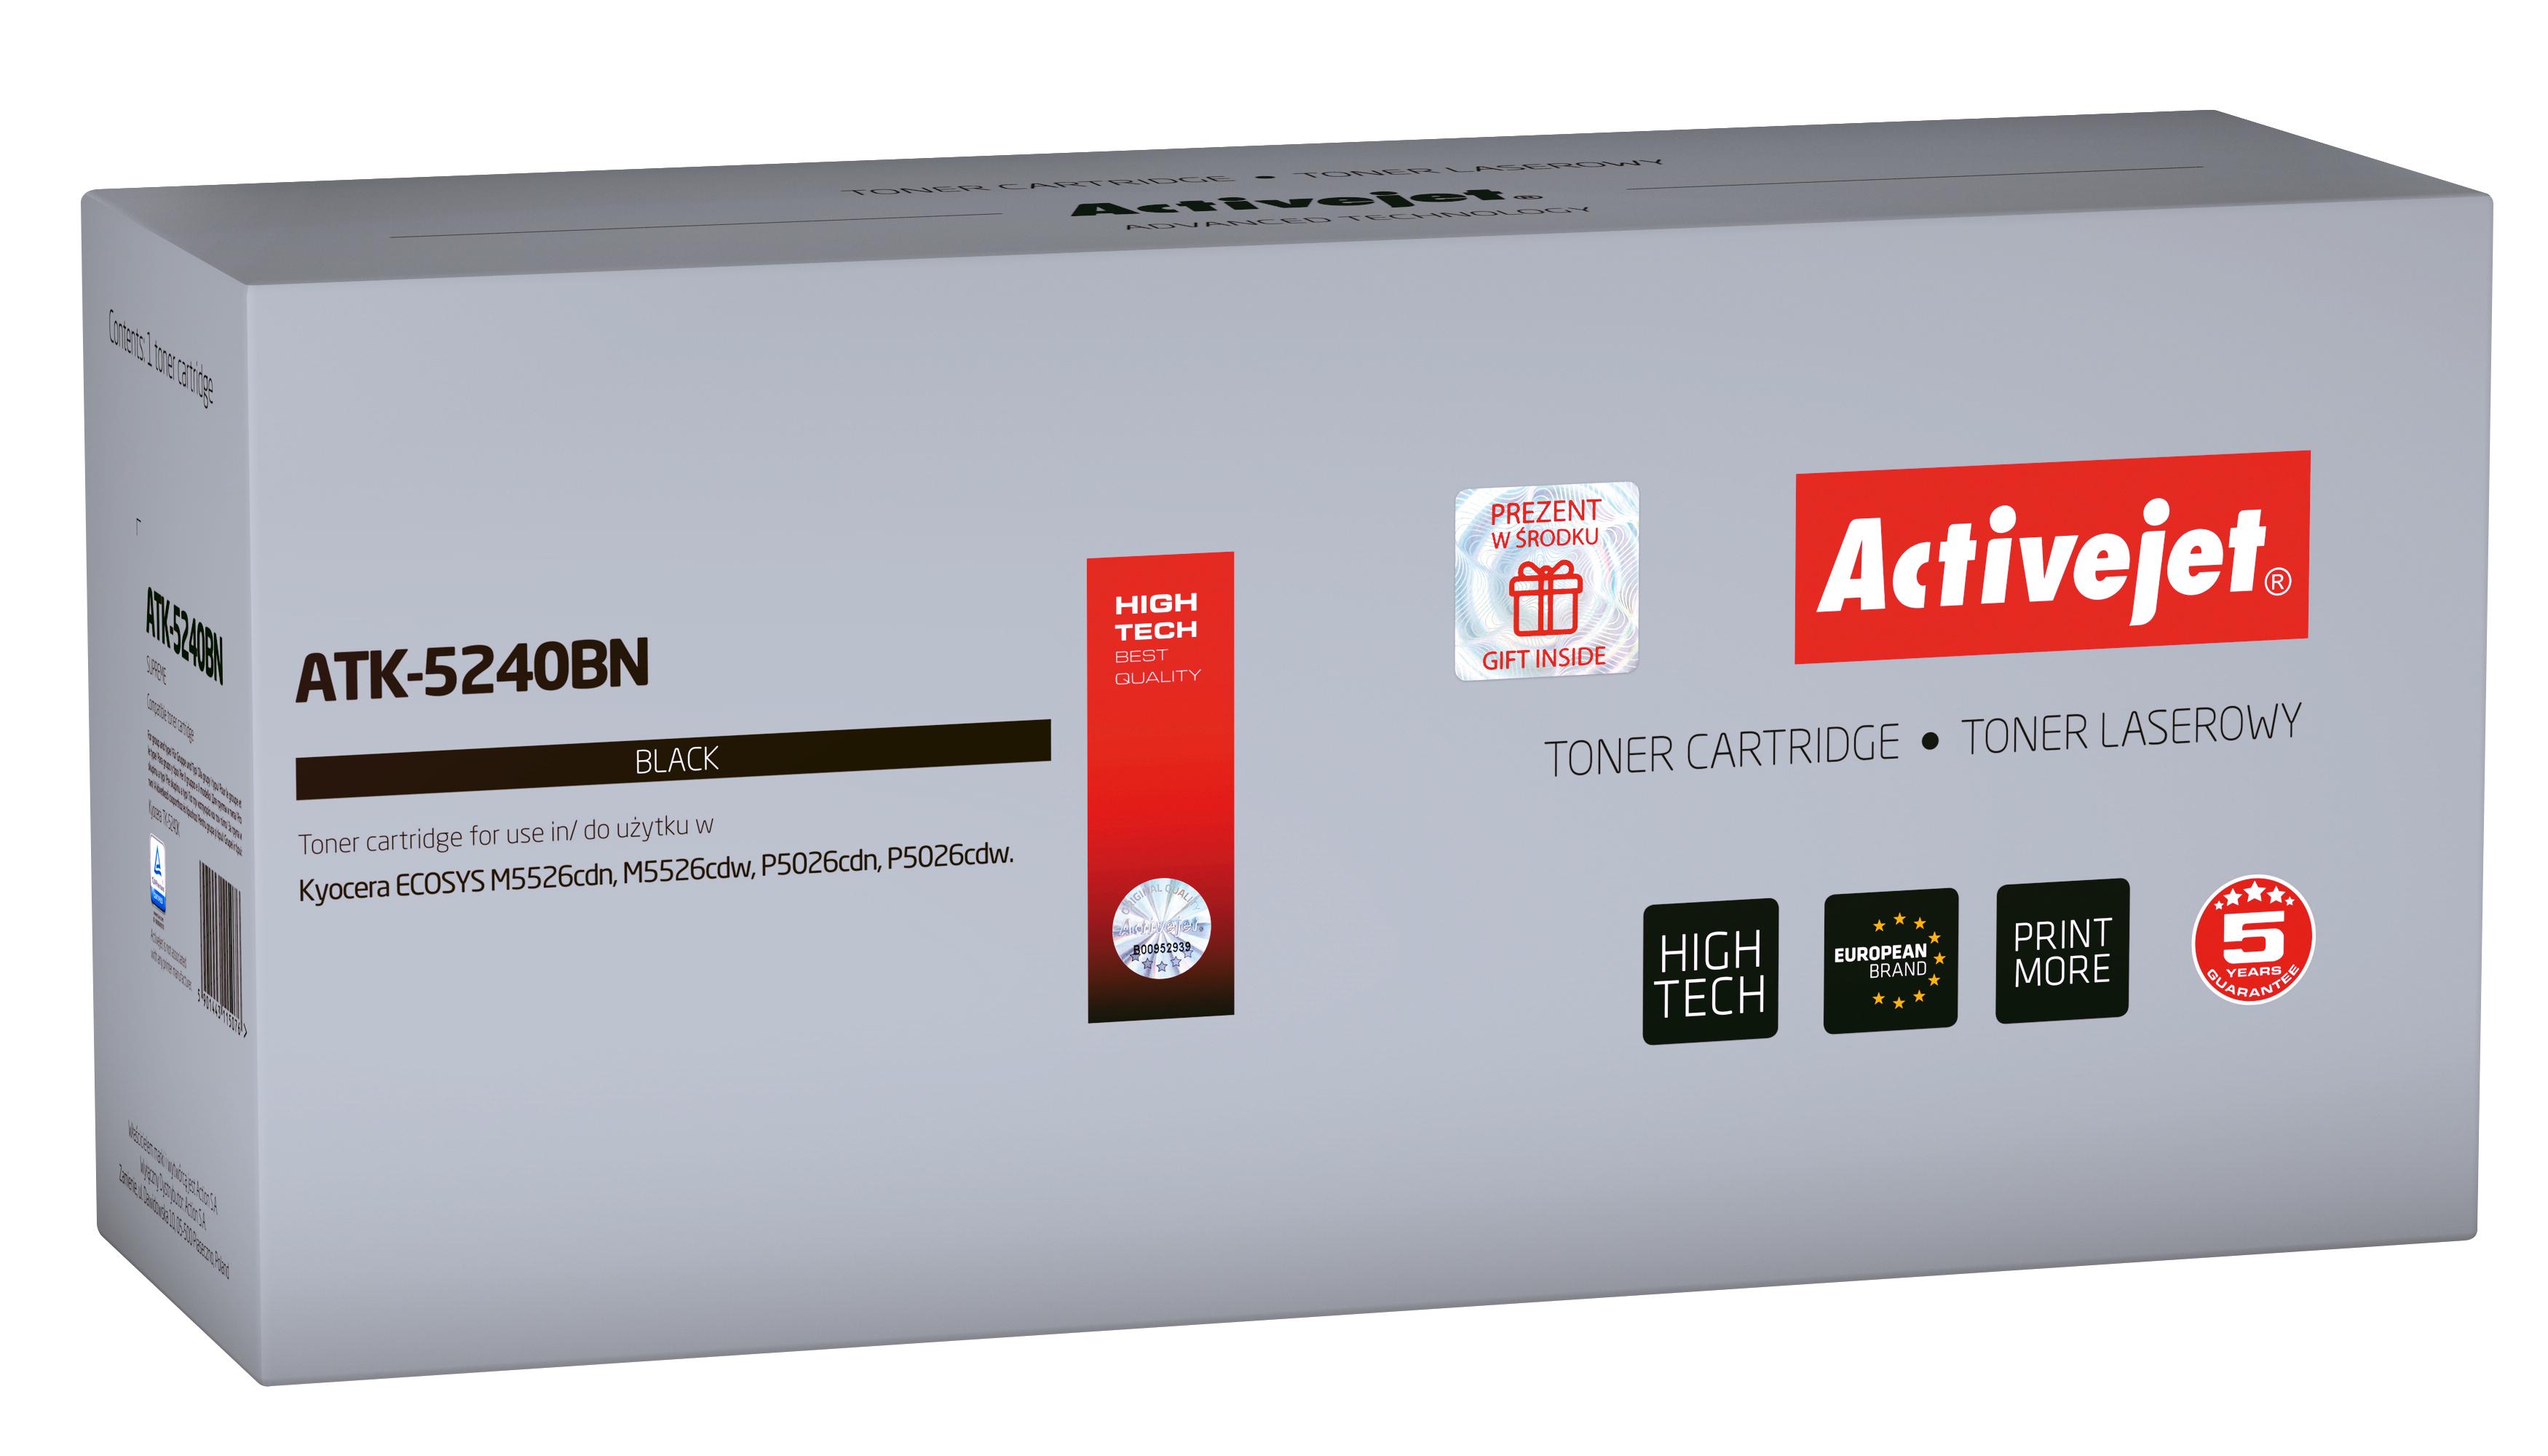 Toner Activejet  ATK-5240BN do drukarki Kyocera, Zamiennik Kyocera TK-5240K; Supreme; 4000 stron; Czarny.